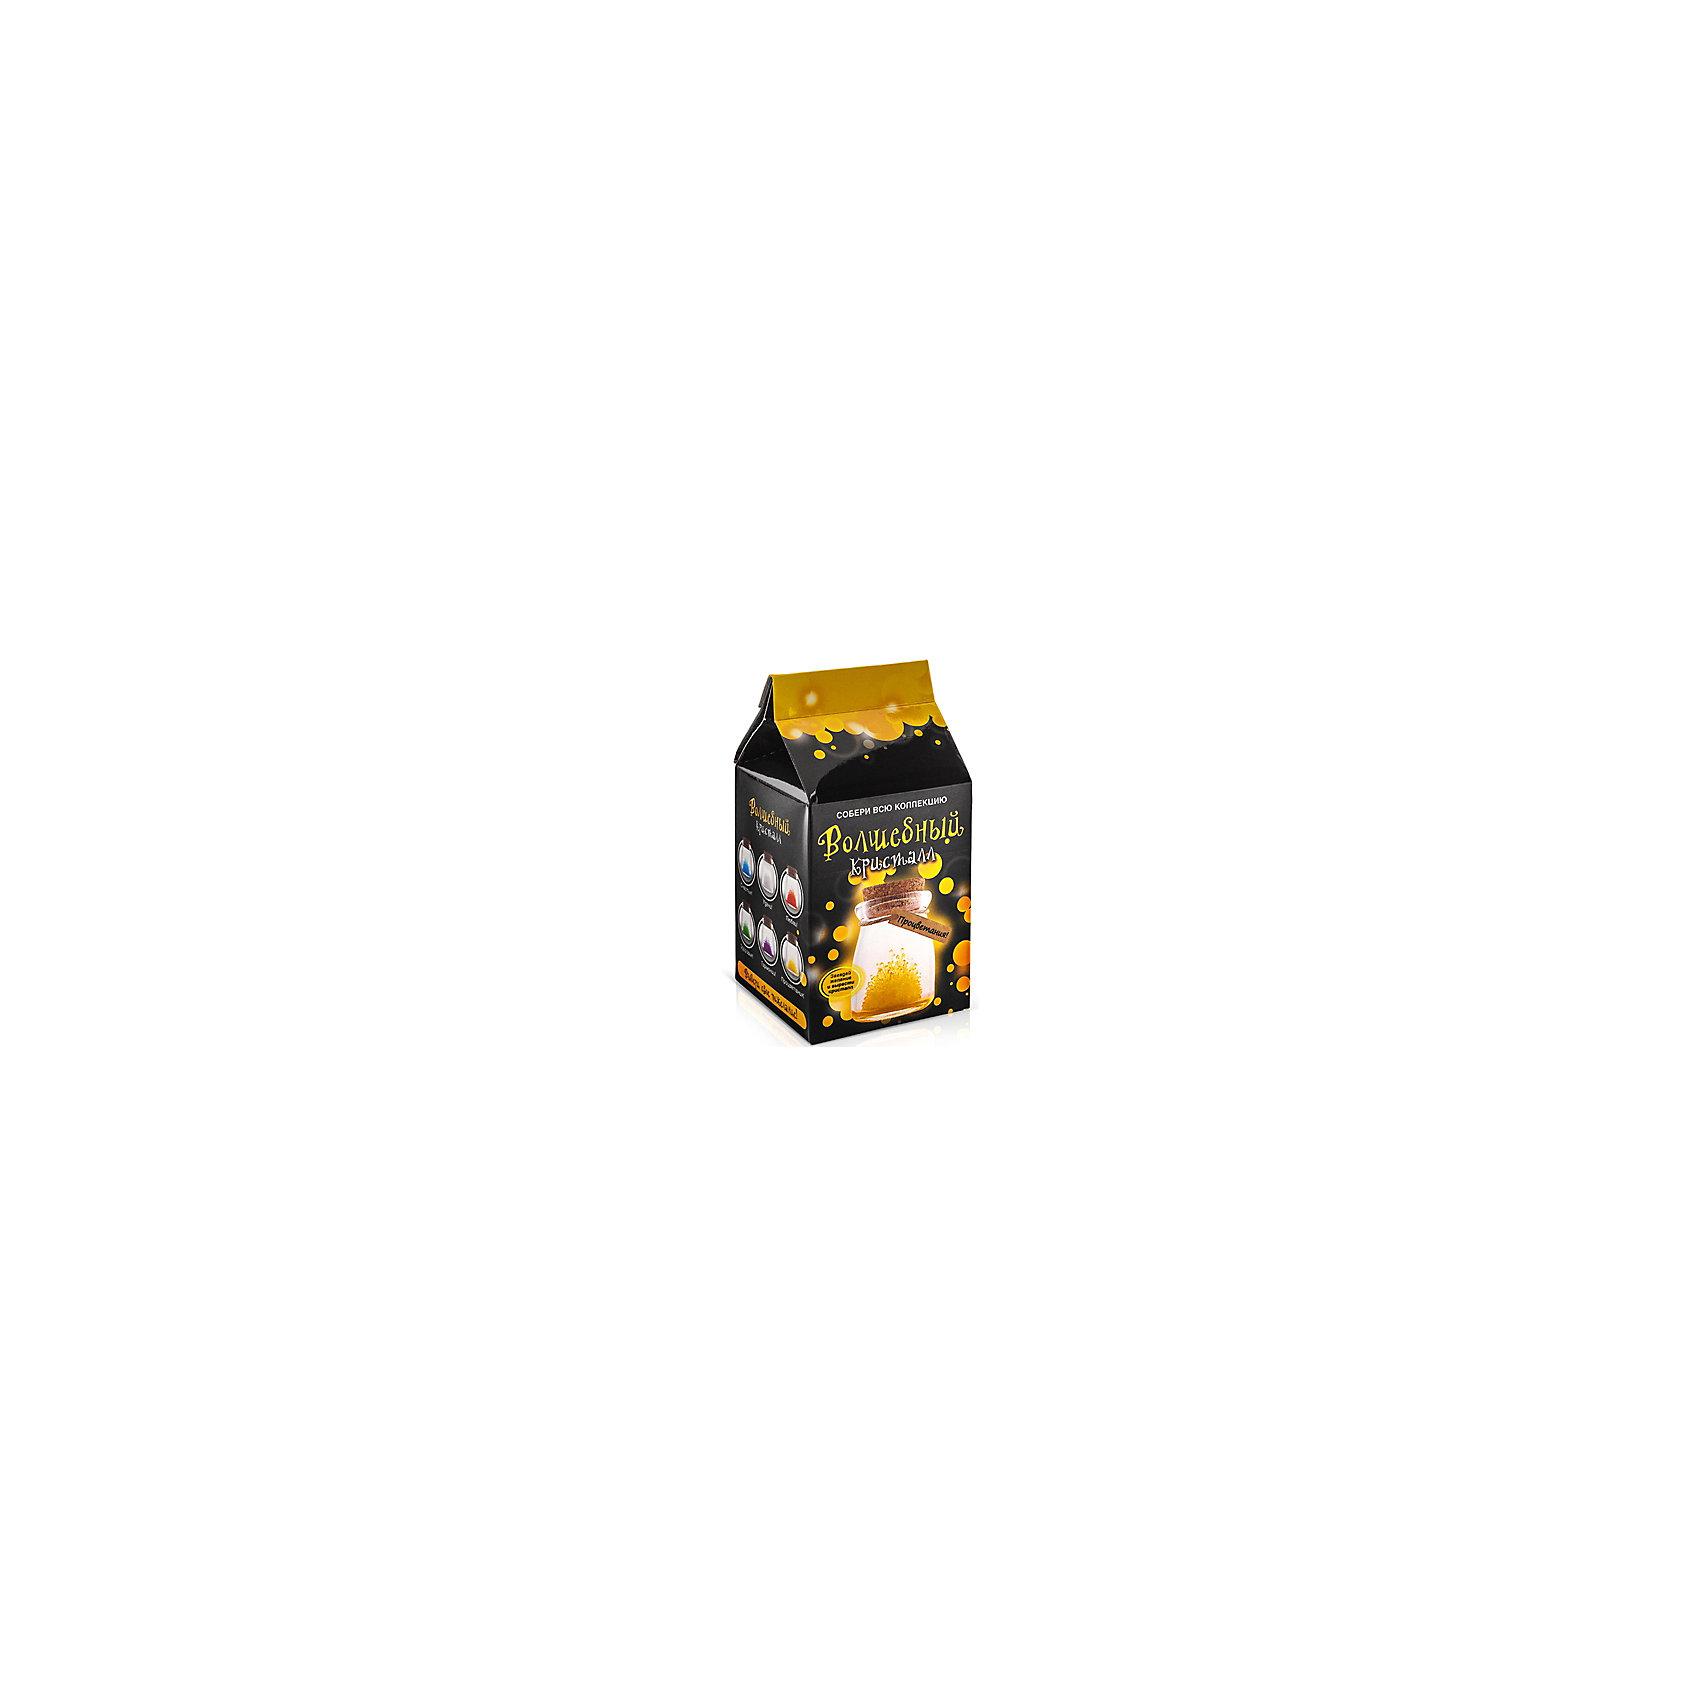 Набор для выращивания кристалов Кристалл с пожеланием Процветания БумбарамКристалл с пожеланием Процветания, Бумбарам.<br><br>Характеристики:<br><br>• кристалл в красивой подарочной упаковке<br>• этикетка с пожеланием<br>• легко создать<br>• безопасные материалы<br>• пошаговая инструкция<br>• в наборе: баночка, кристаллический порошок, кристаллическая таблетка, • палочка, веревочка, пробка, карточка, инструкция<br>• размер упаковки: 15х8 см<br>• вес: 250 грамм<br>• цвет: желтый<br><br>Хотите создать оригинальный подарок своими руками? Кристалл с пожеланием Процветания отлично справится с этой задачей. Этот набор безопасен и очень прост в использовании. Всыпьте порошок в баночку, добавьте воды, тщательно перемешайте и опустите в готовый раствор таблетку. Через 14 часов можно открыть крышку и уже через некоторое время прекрасная композиция будет готова. Вам останется только закрыть крышку и прикрепить веревочку с карточкой. Химический опыт закончен - прекрасный подарок готов!<br><br>Кристалл с пожеланием Процветания, Бумбарам вы можете купить в нашем интернет-магазине.<br><br>Ширина мм: 75<br>Глубина мм: 75<br>Высота мм: 150<br>Вес г: 250<br>Возраст от месяцев: 168<br>Возраст до месяцев: 240<br>Пол: Унисекс<br>Возраст: Детский<br>SKU: 5053939